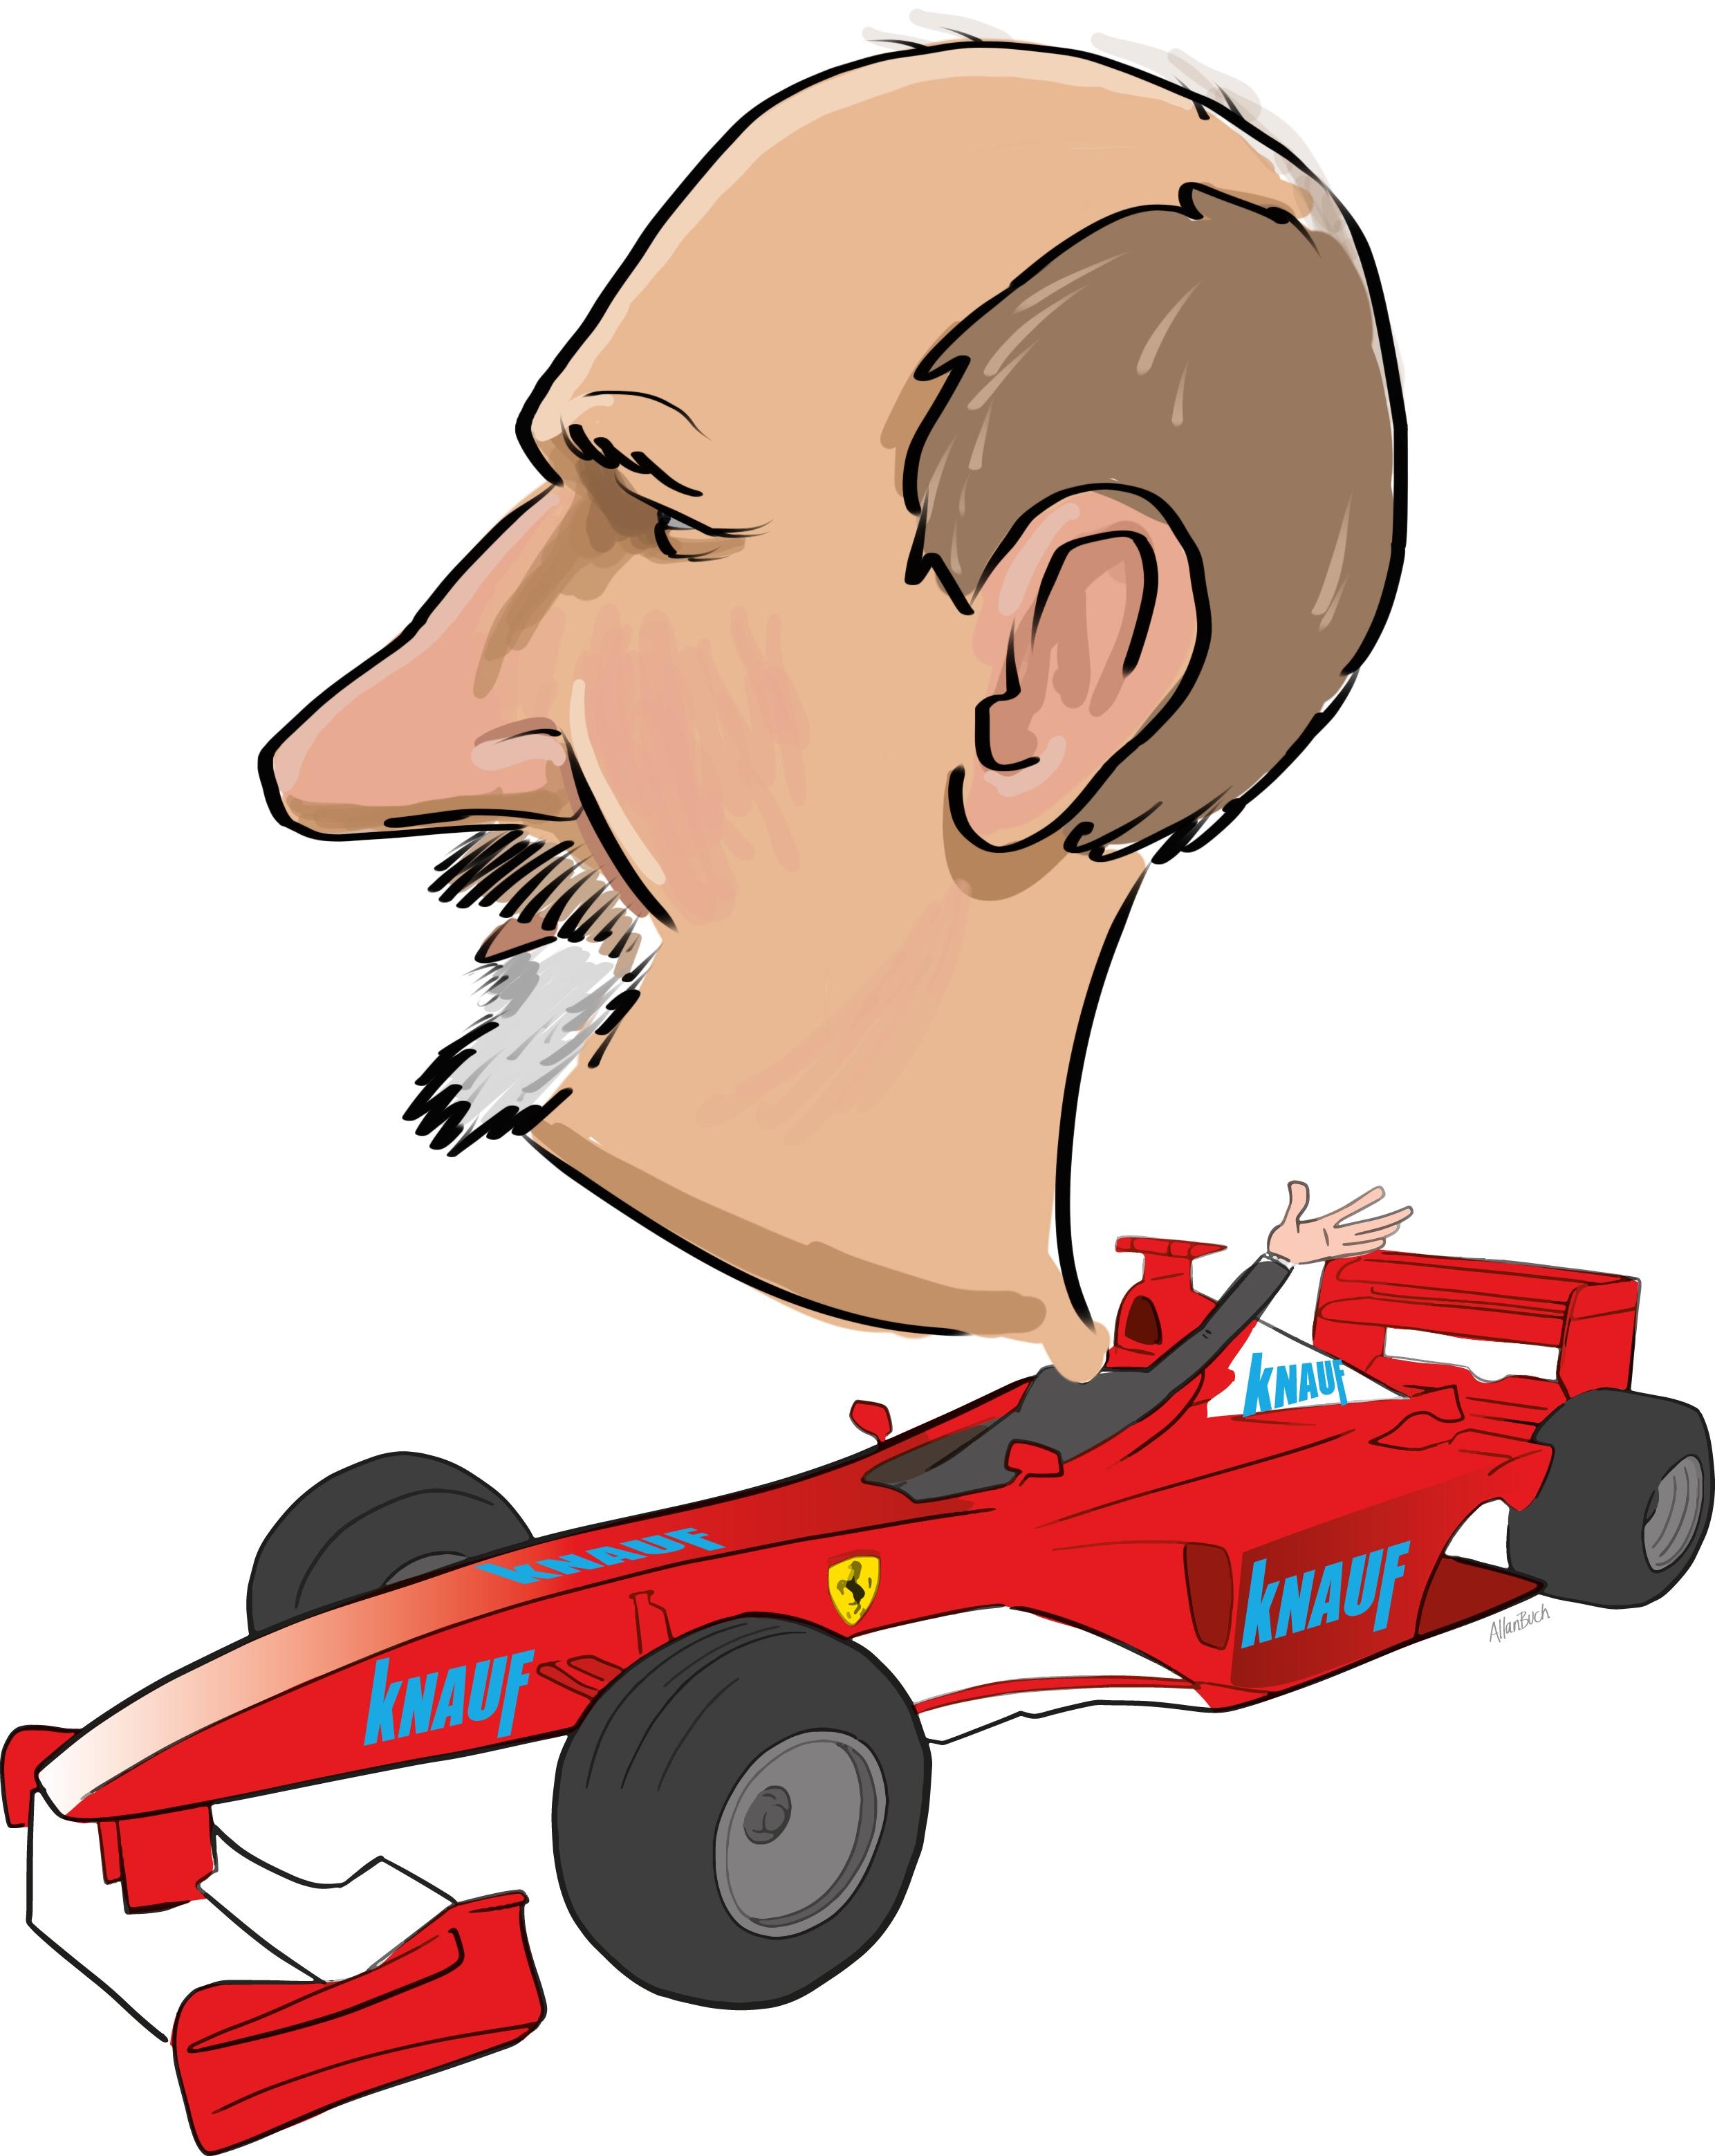 ipad Live karikatur med Allan Buch. farve profil